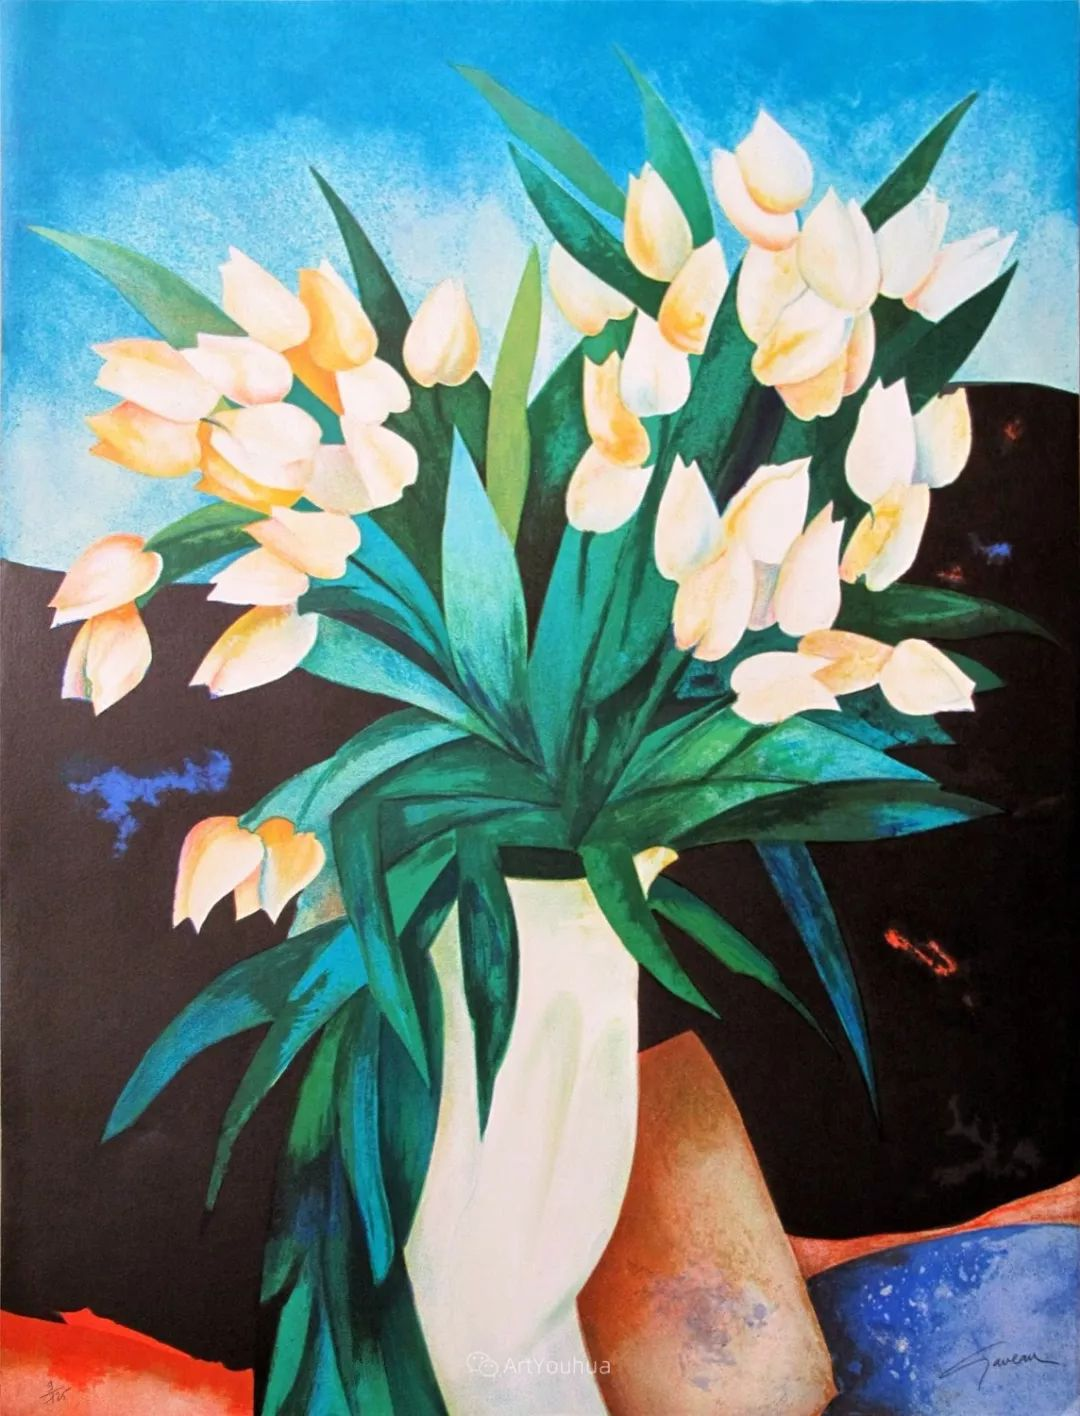 色彩和谐 色调鲜艳,法国抽象派装饰画家Claude Gaveau插图4